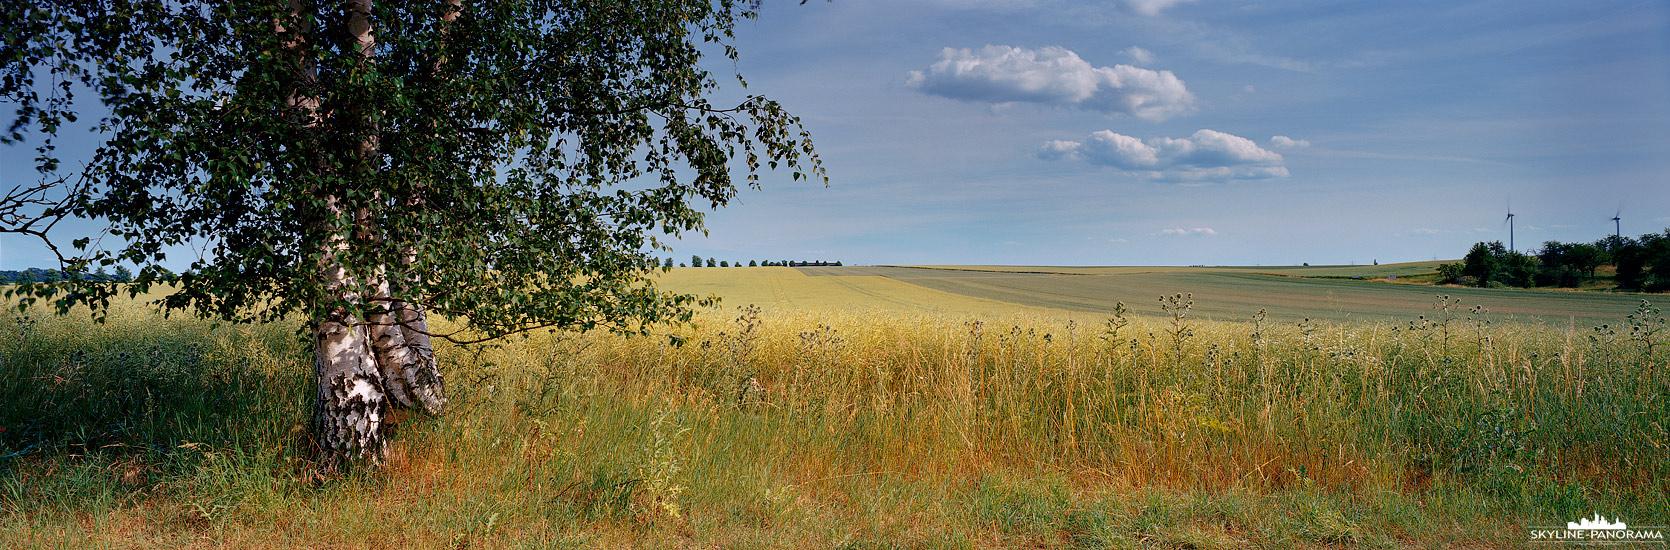 6x17 Panorama Mitteldeutschland - Ein sommerliches Rapsfeld im Harzvorland mit einer schönen Birke am Rand des Weges. (Jahreszeitenprojekt)